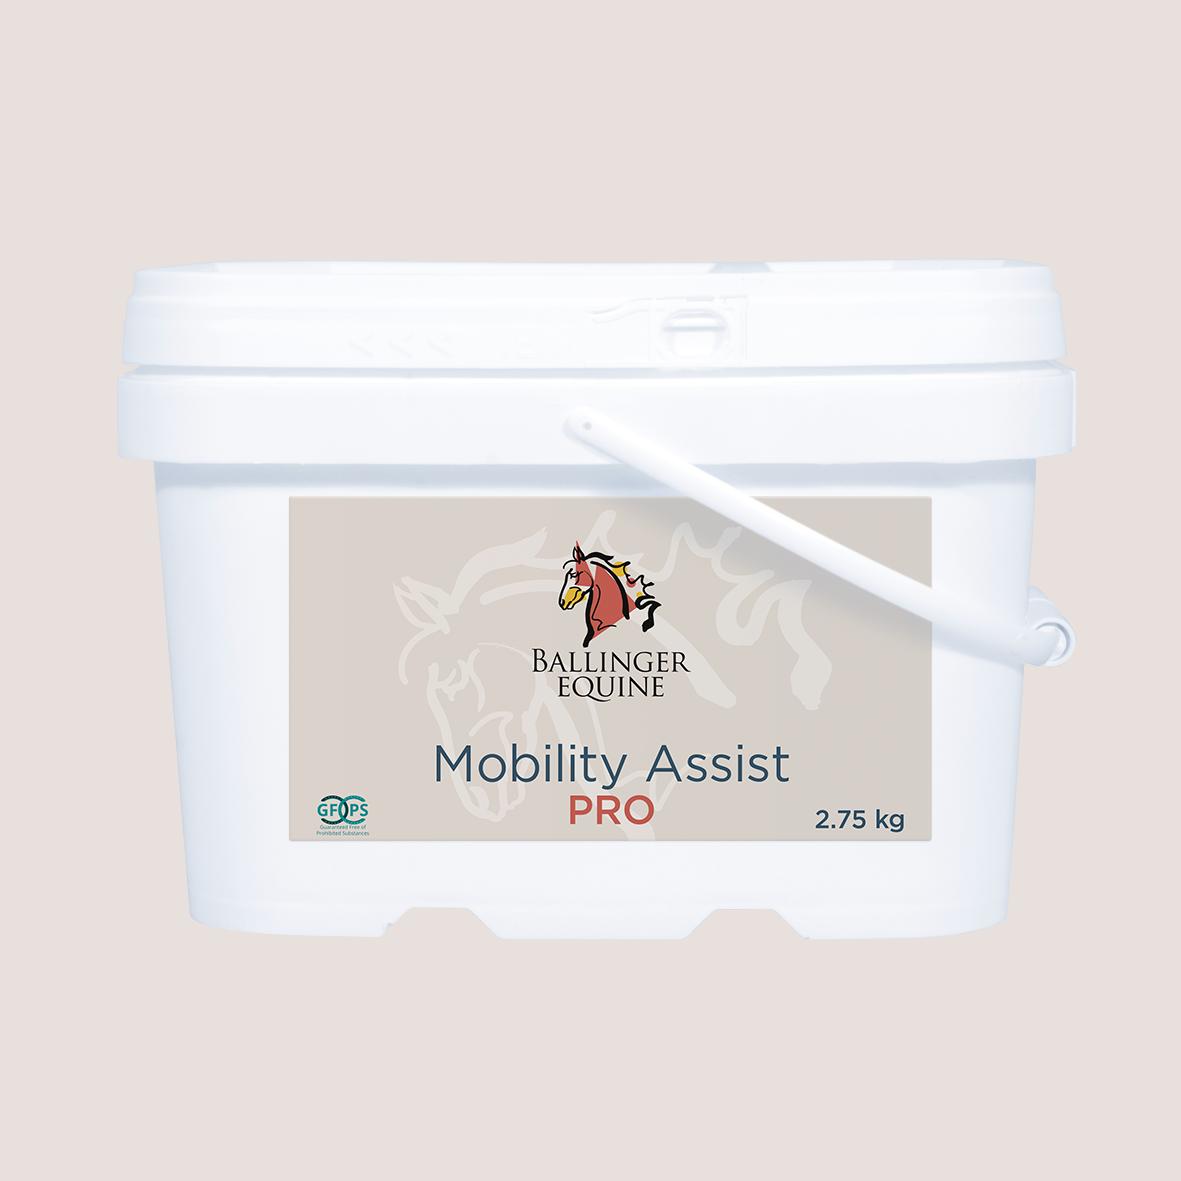 Mobility-Assist-Pro-2_75kg